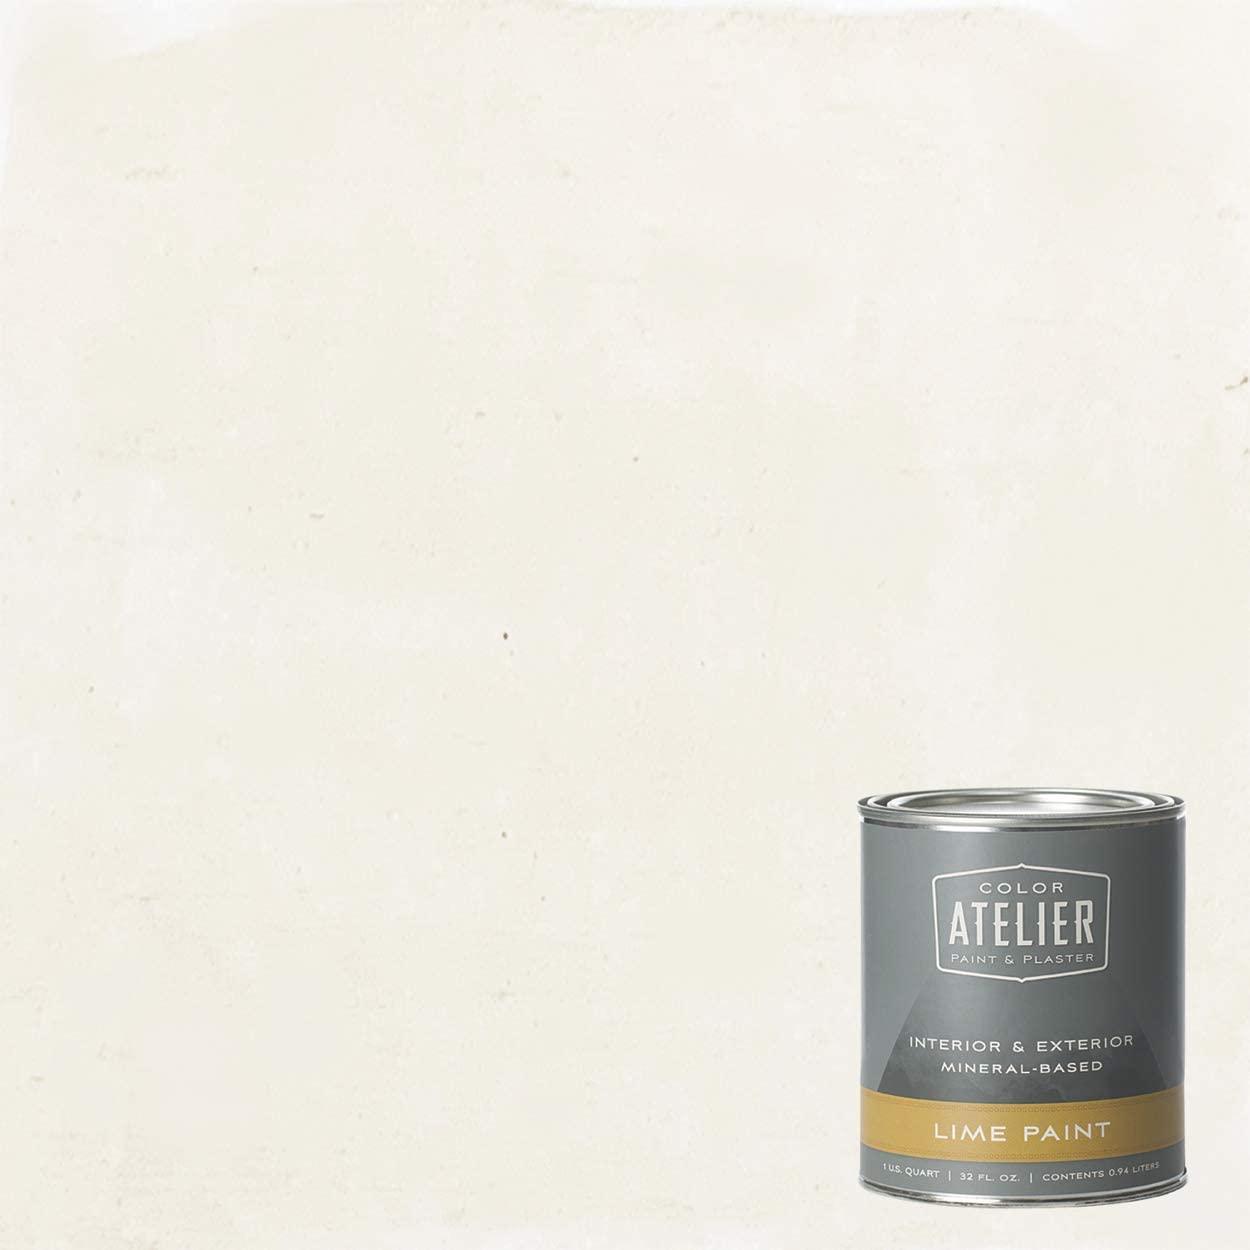 Color Atelier Lime Paint (1 Gallon, Chèvre)